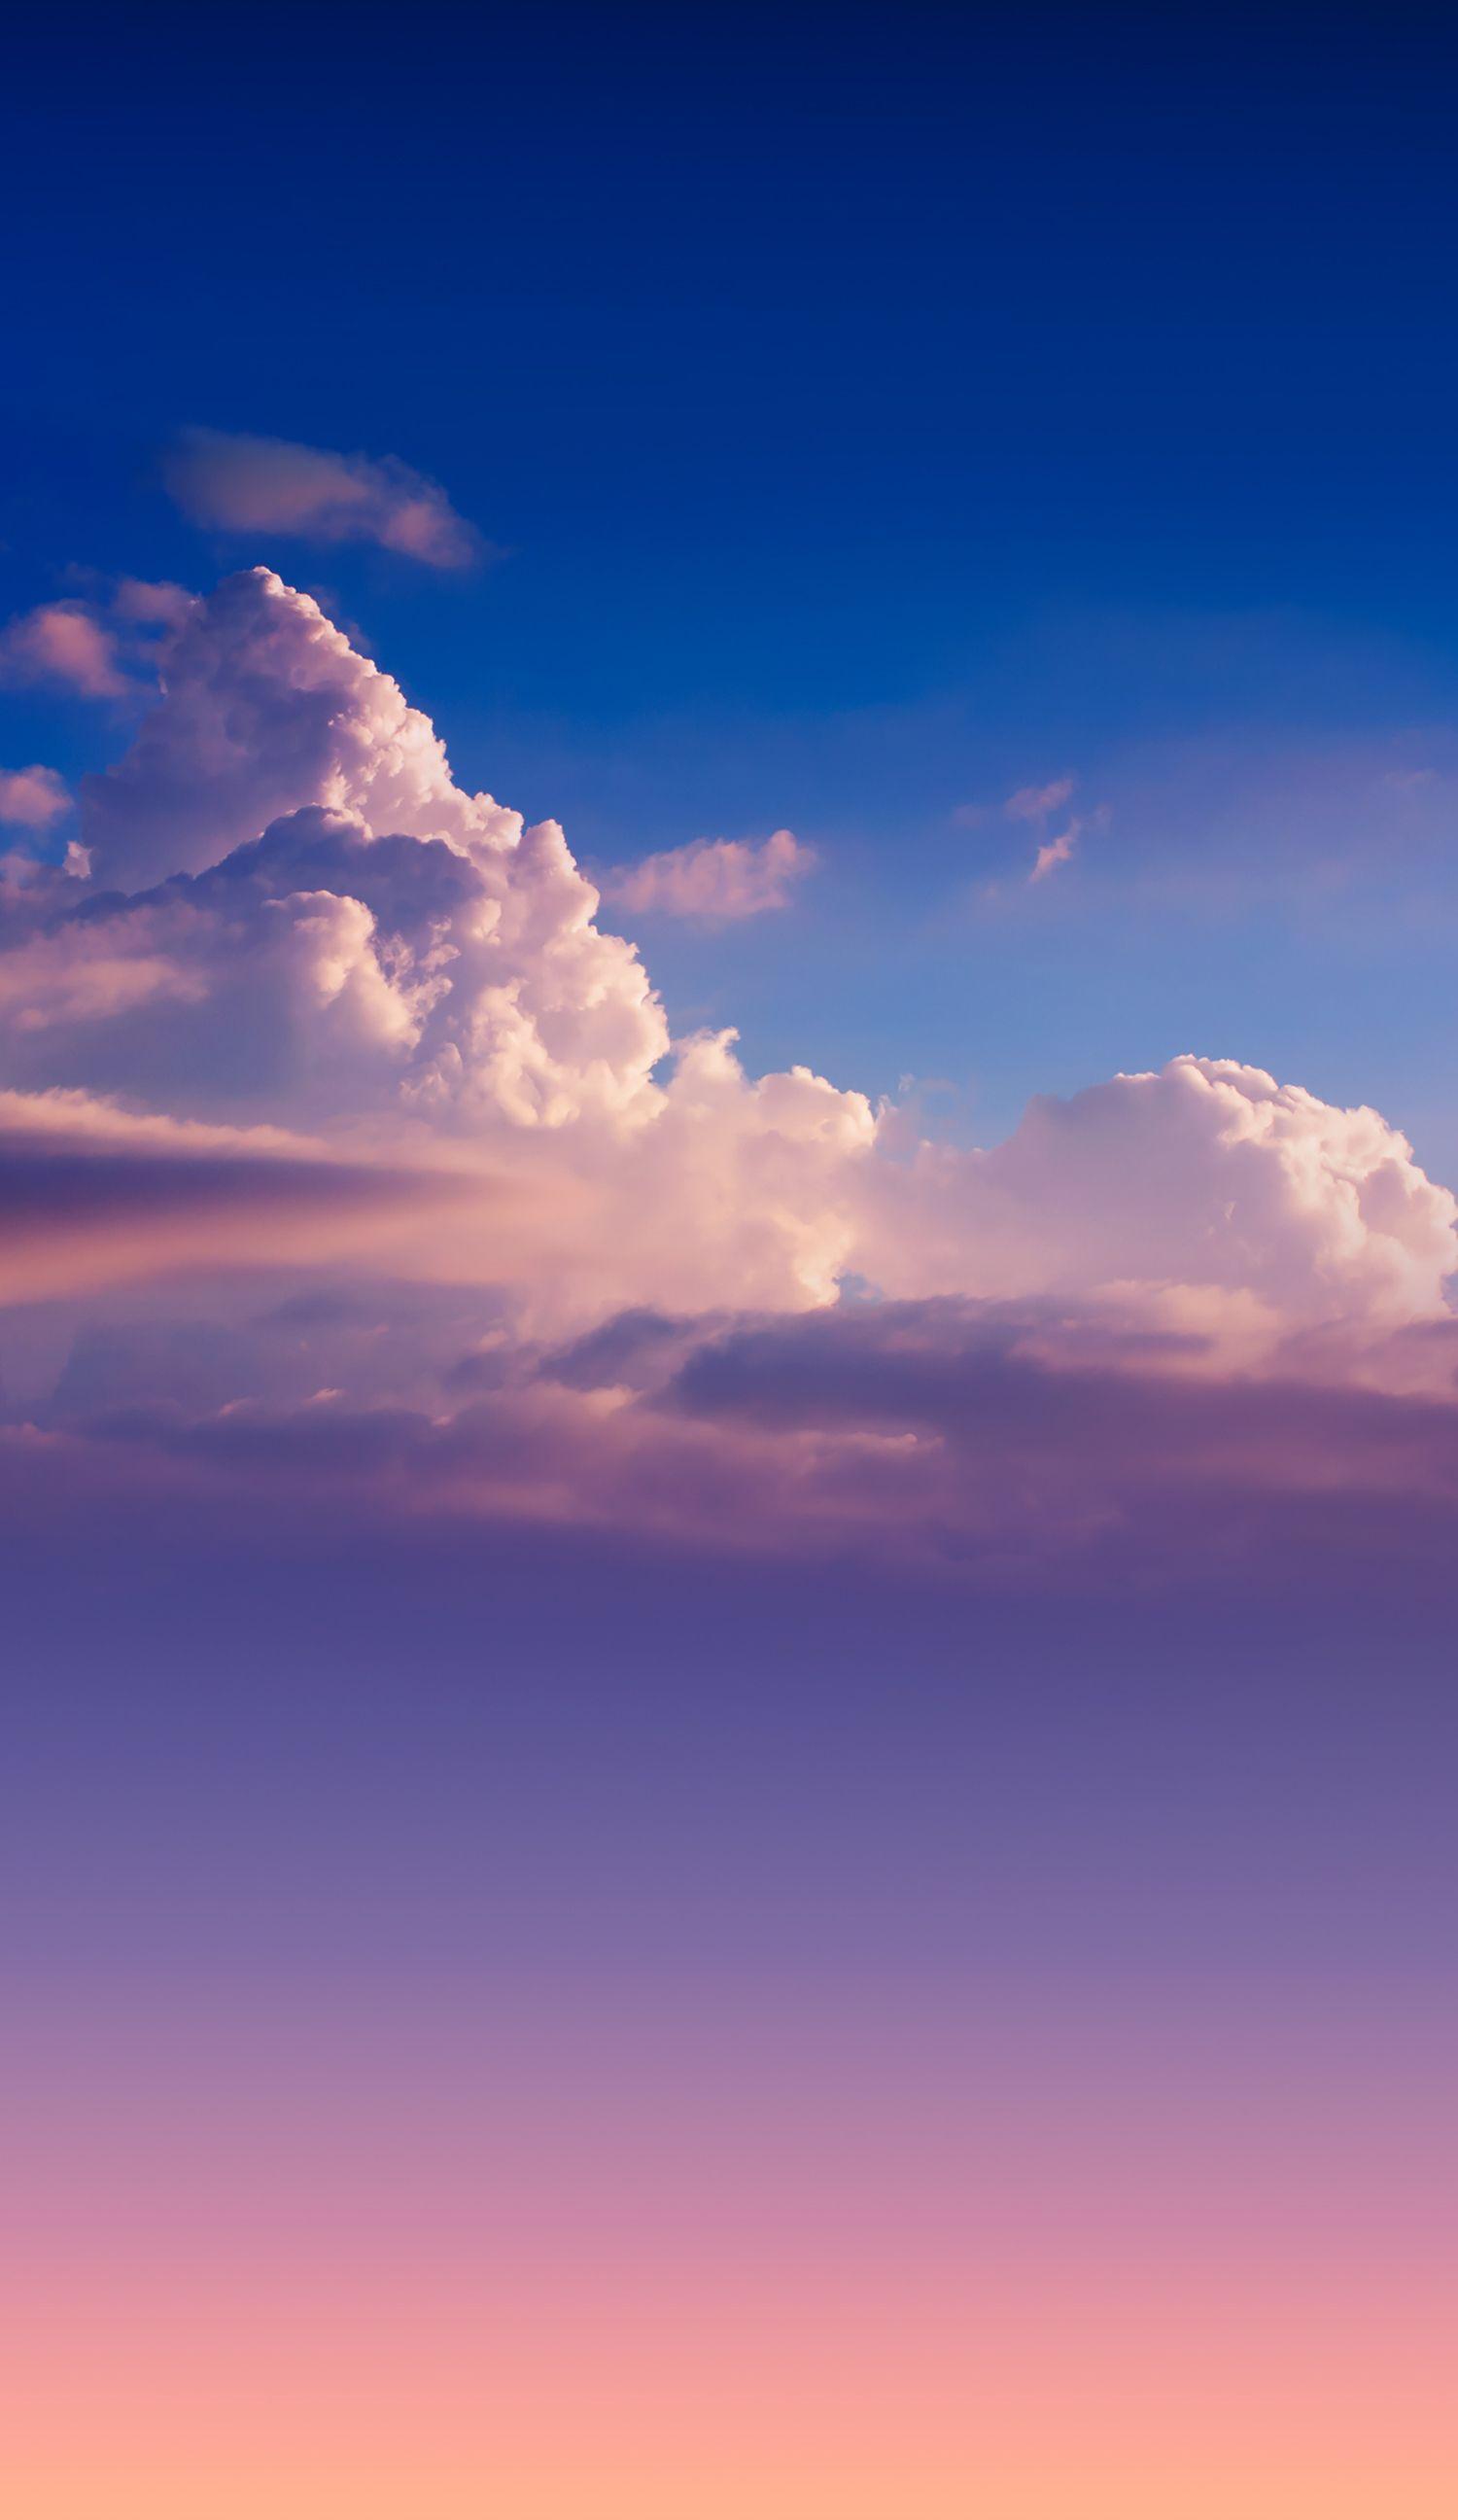 为你的设备挑选完美的景观 大自然壁纸或景观 大自然图片 Iphone Wallpaper Sky Stunning Wallpapers Pretty Sky